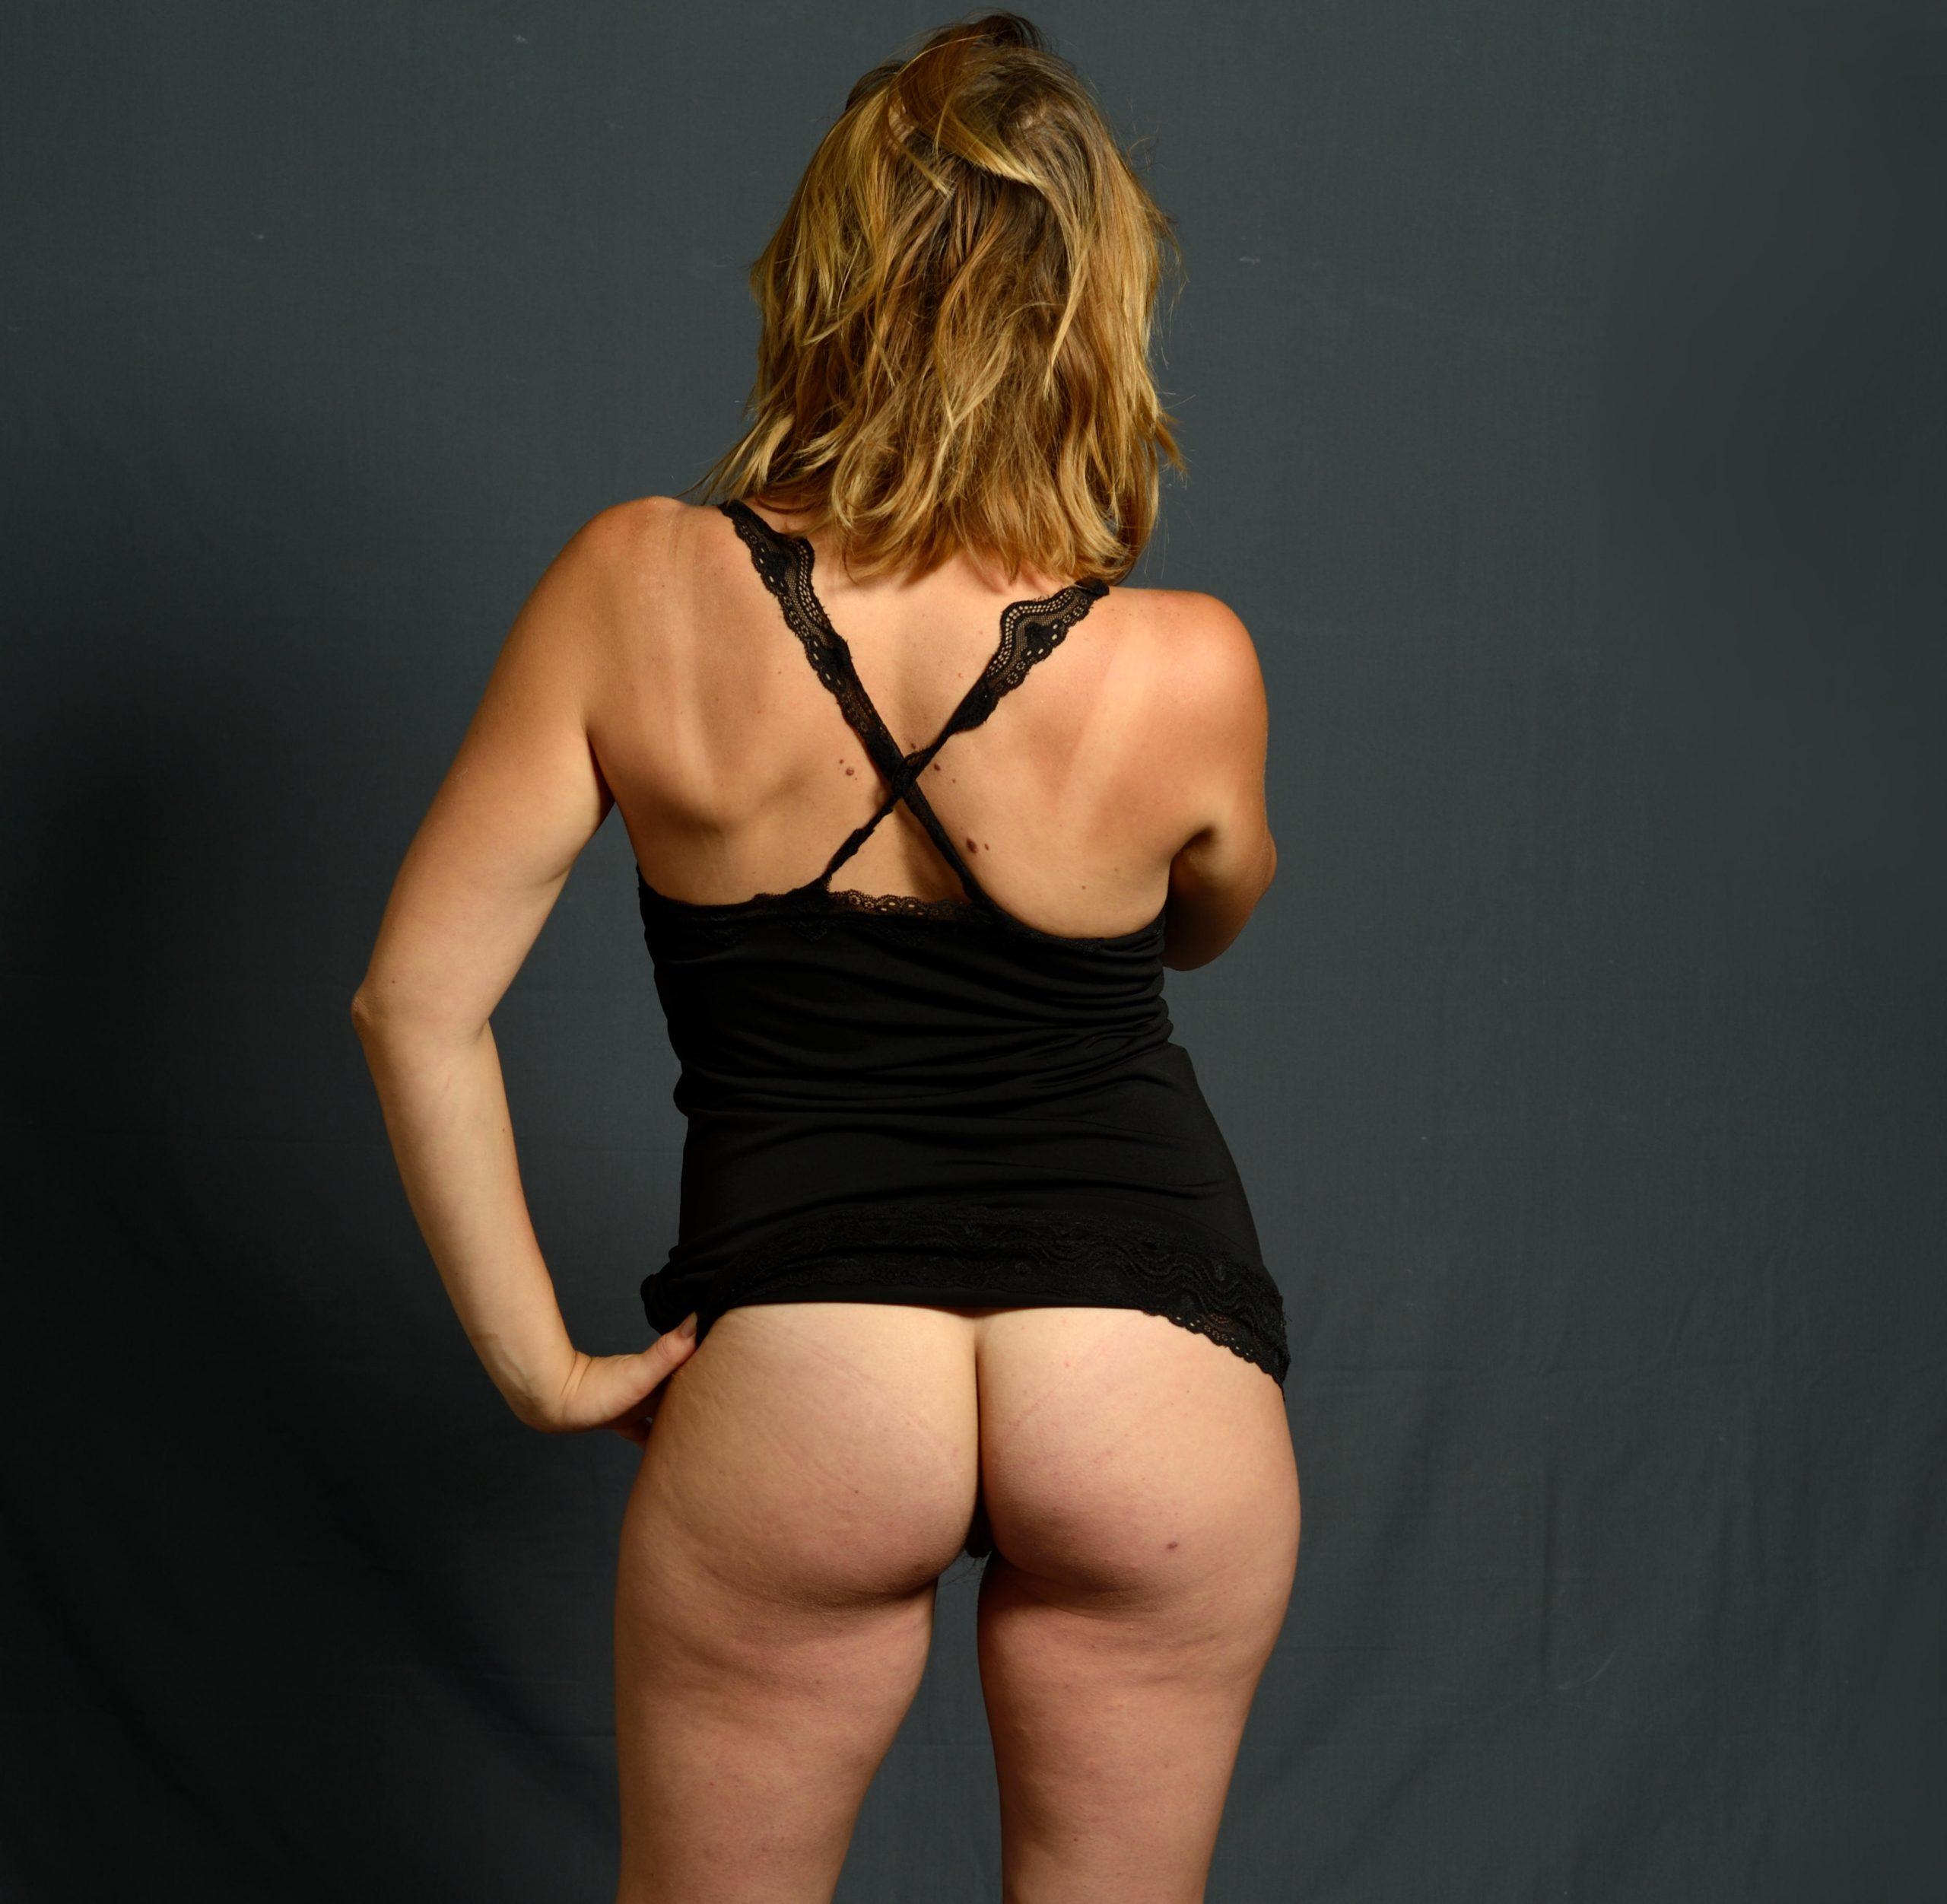 donna a culo nudo